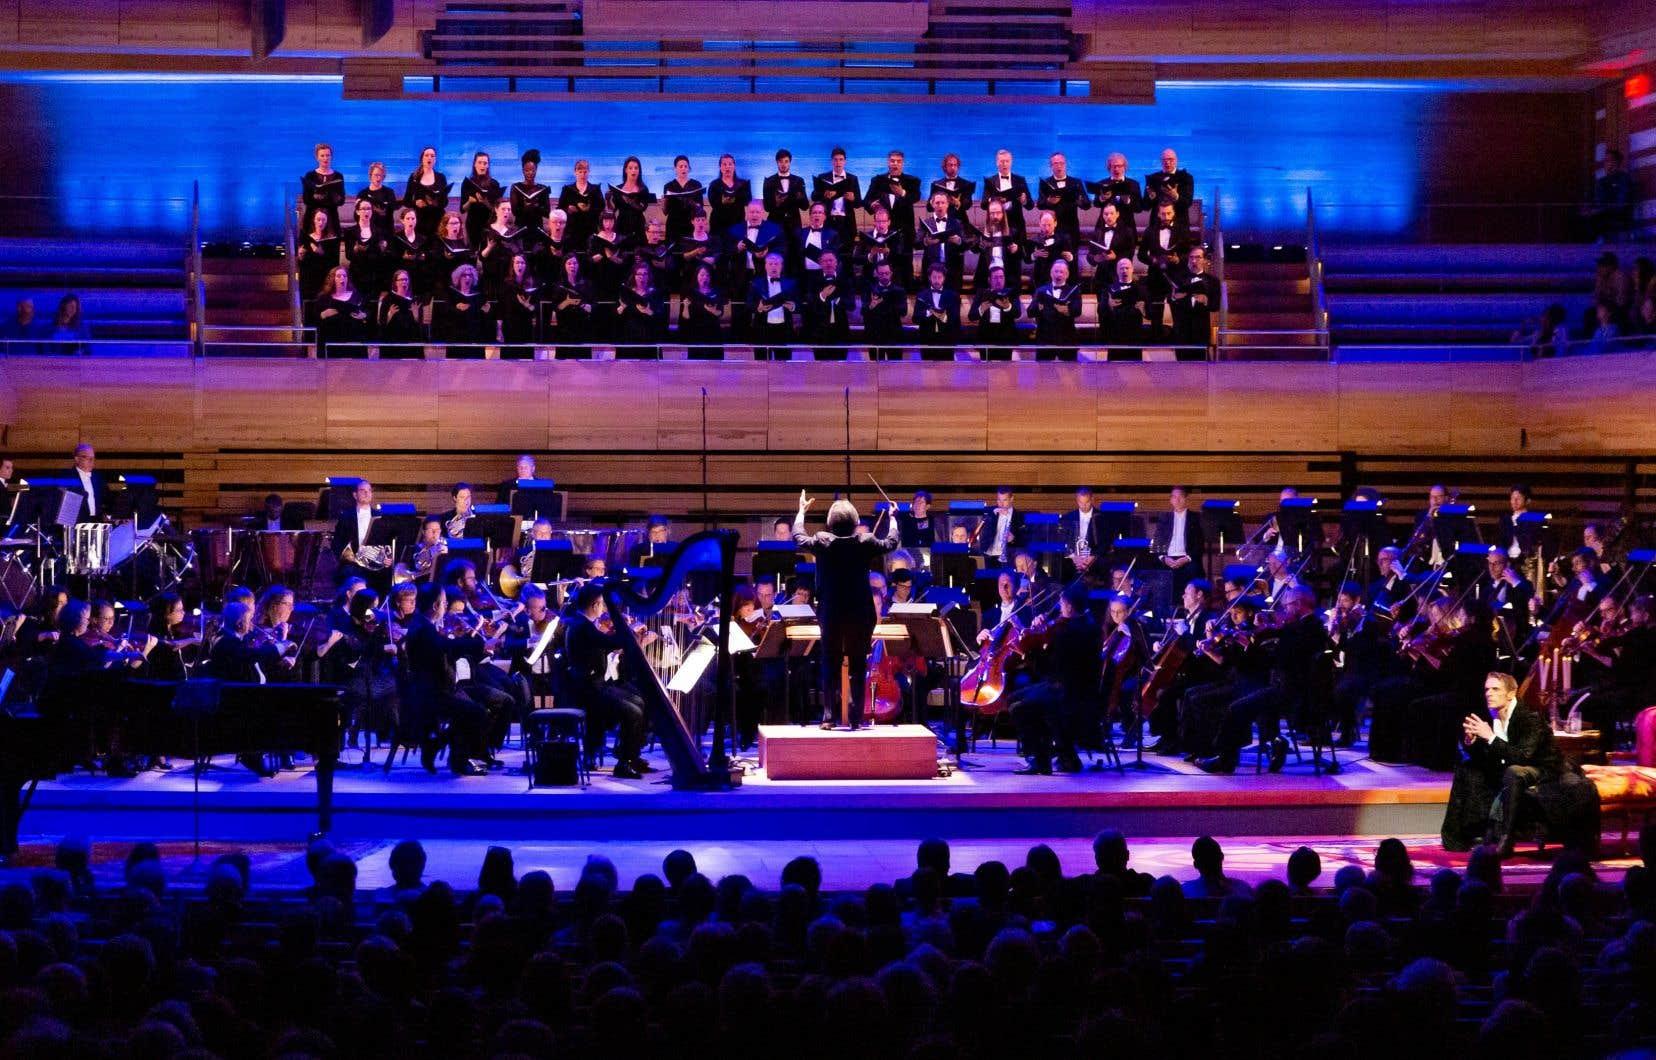 Ce n'est pas la première fois que Kent Nagano aborde l'<em>Oratorio de Noël</em> de Bach à Montréal puisque la «prise 1» date déjà de 2007 à la salle Wilfrid-Pelletier.